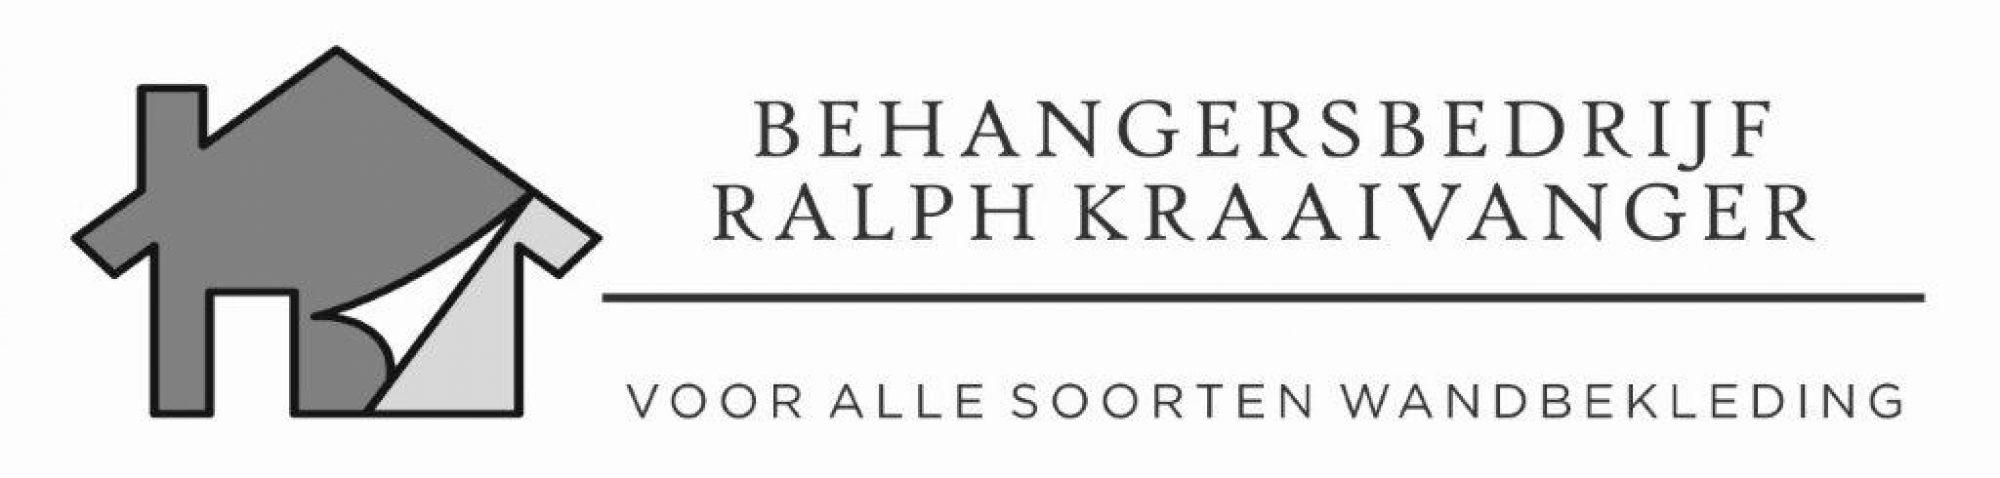 Behangersbedrijf Ralph Kraaivanger